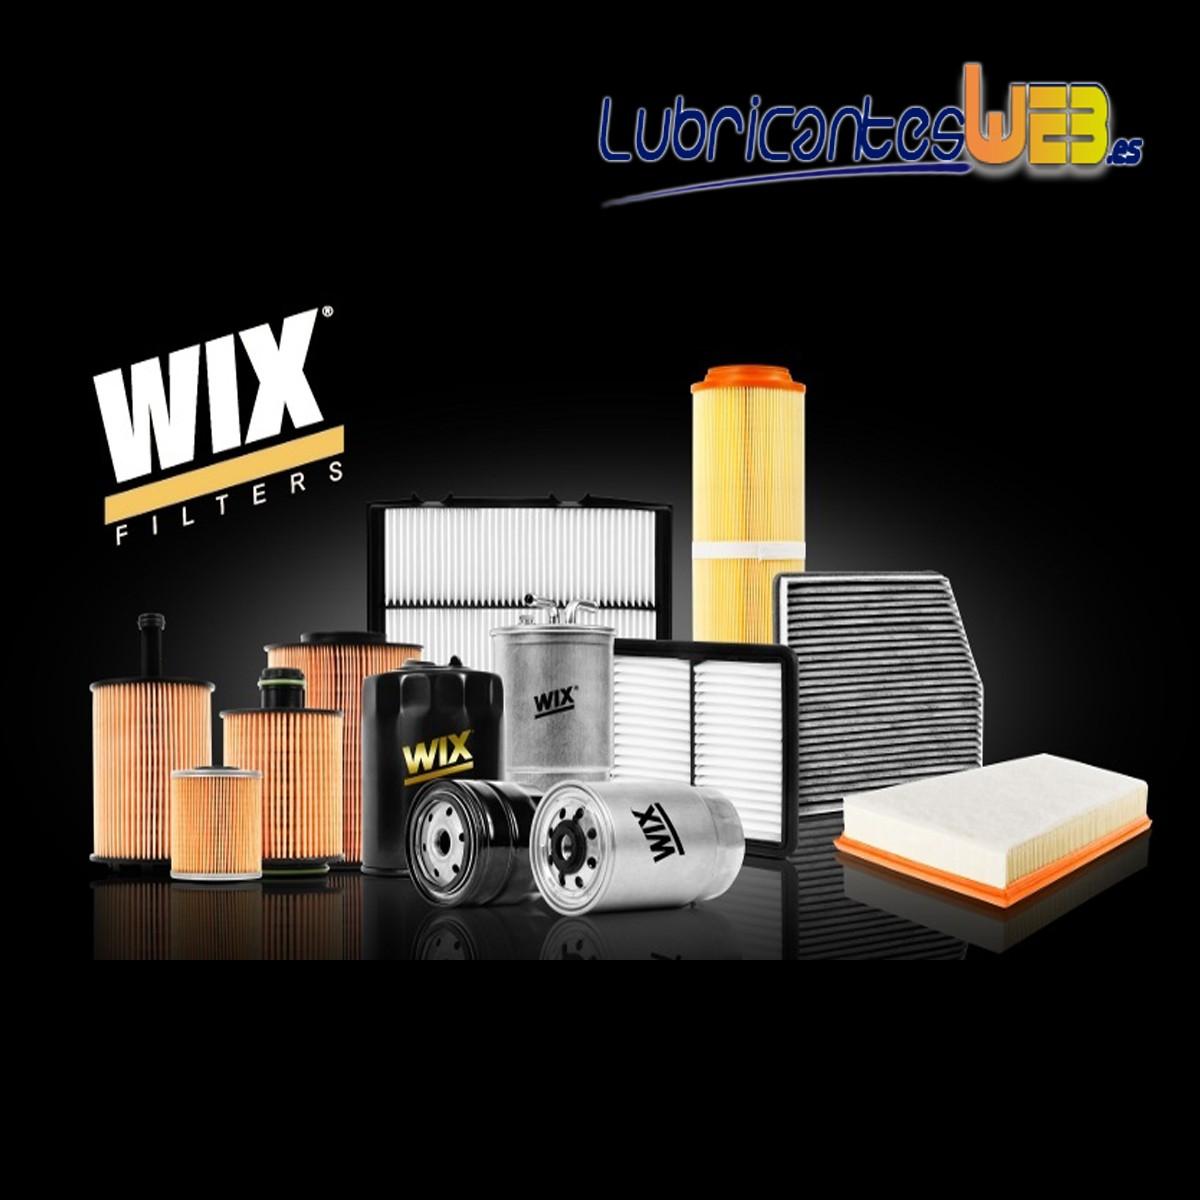 FILTRO WIX DE HABITACULO (X2) WP9318